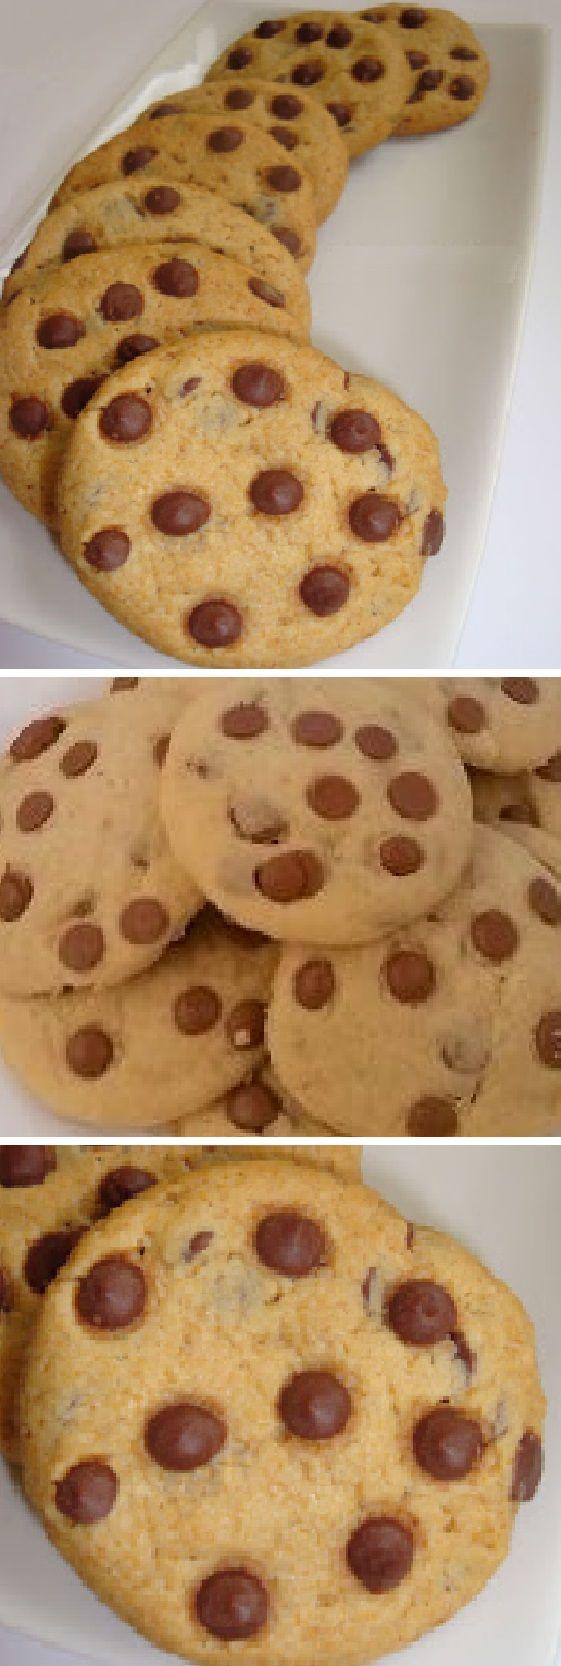 Después de que aprendí a hacer las mejores galletas con gotitas ...